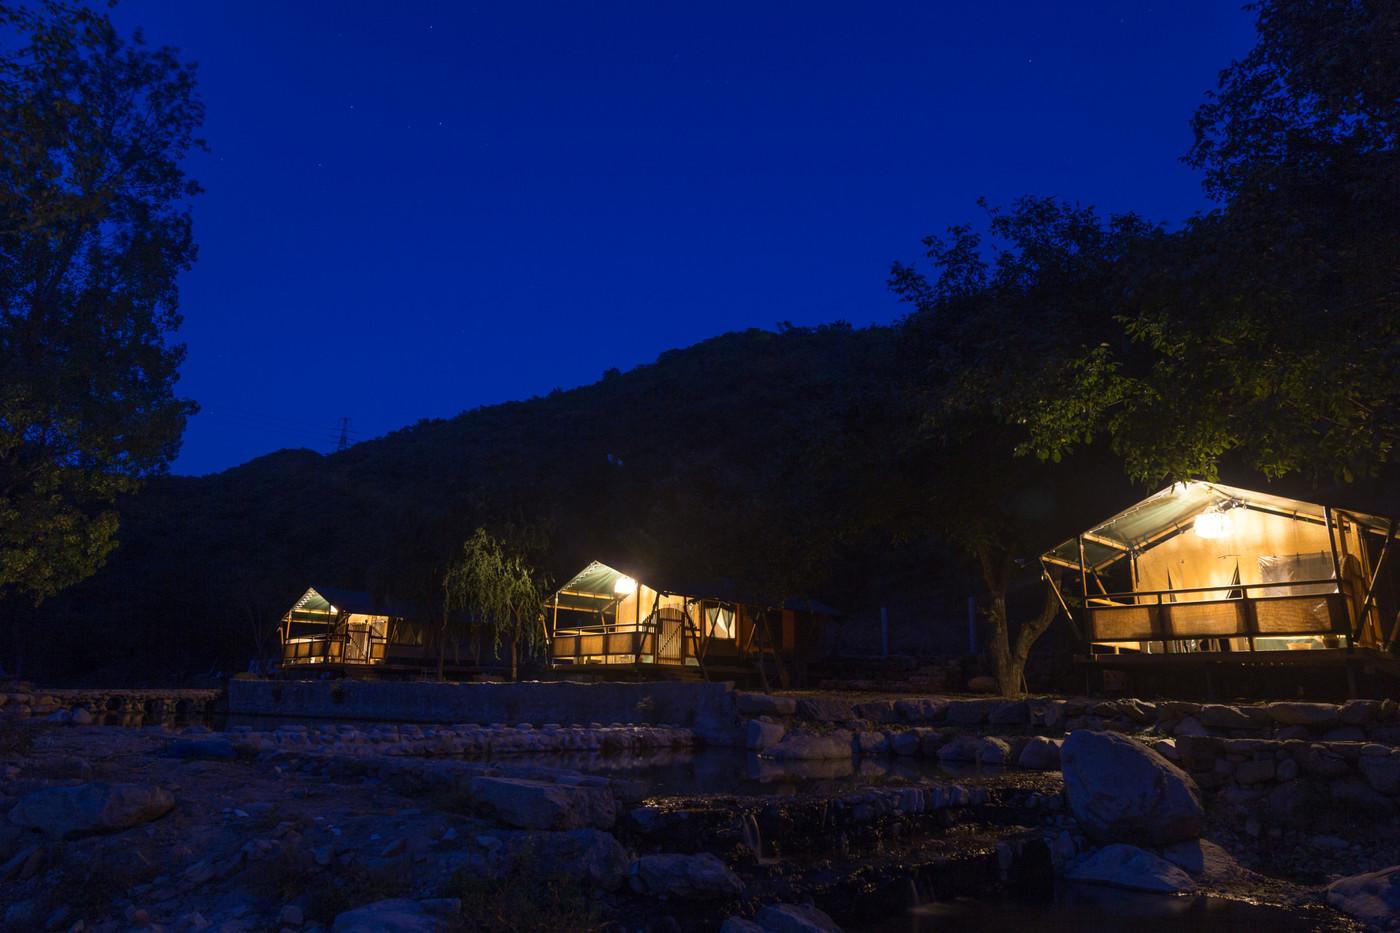 喜马拉雅野奢帐篷酒店一北京石头 剪刀 布一私享院子 54平山谷型  26